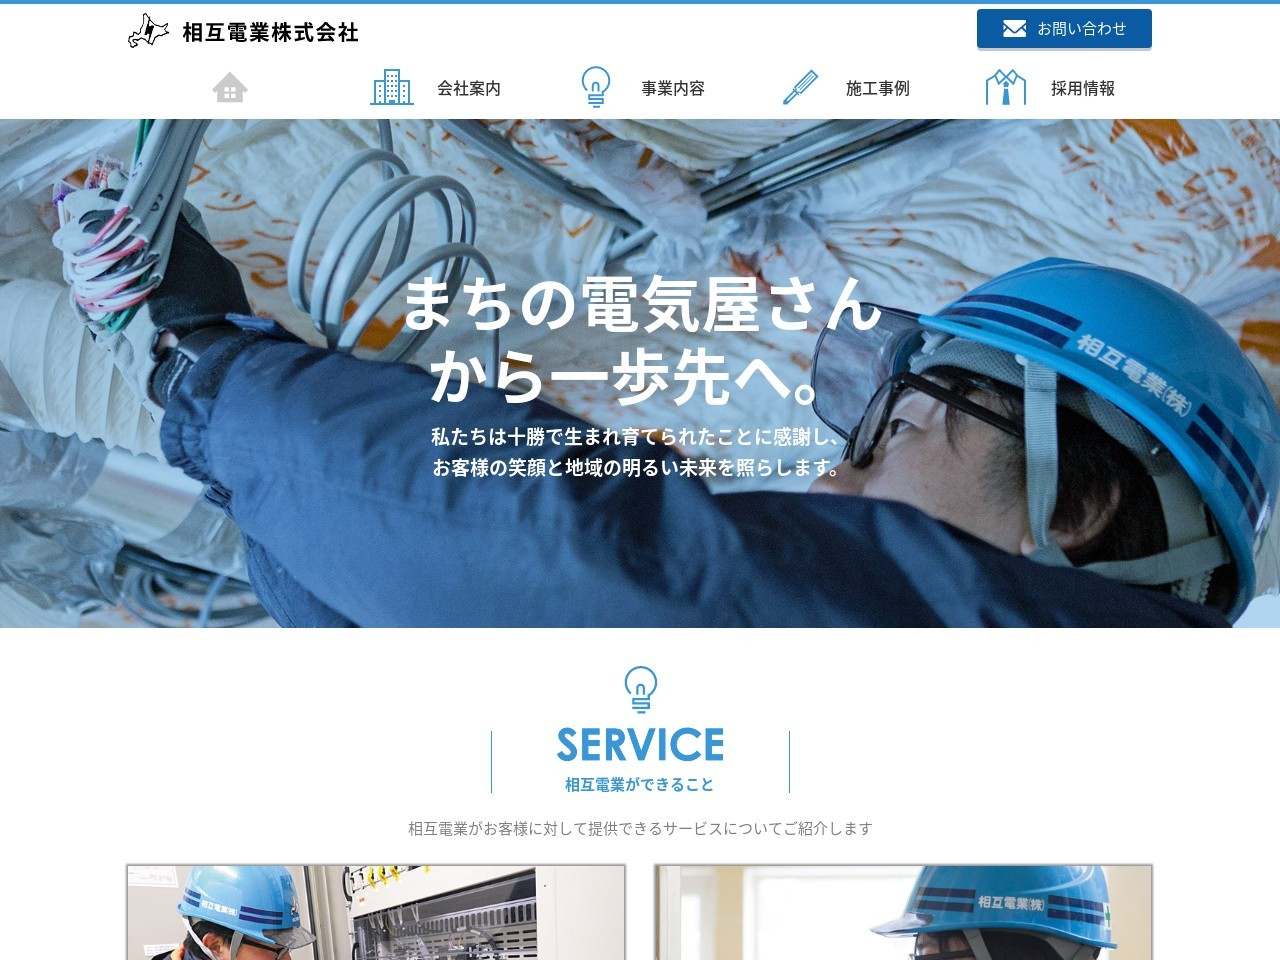 相互電業株式会社